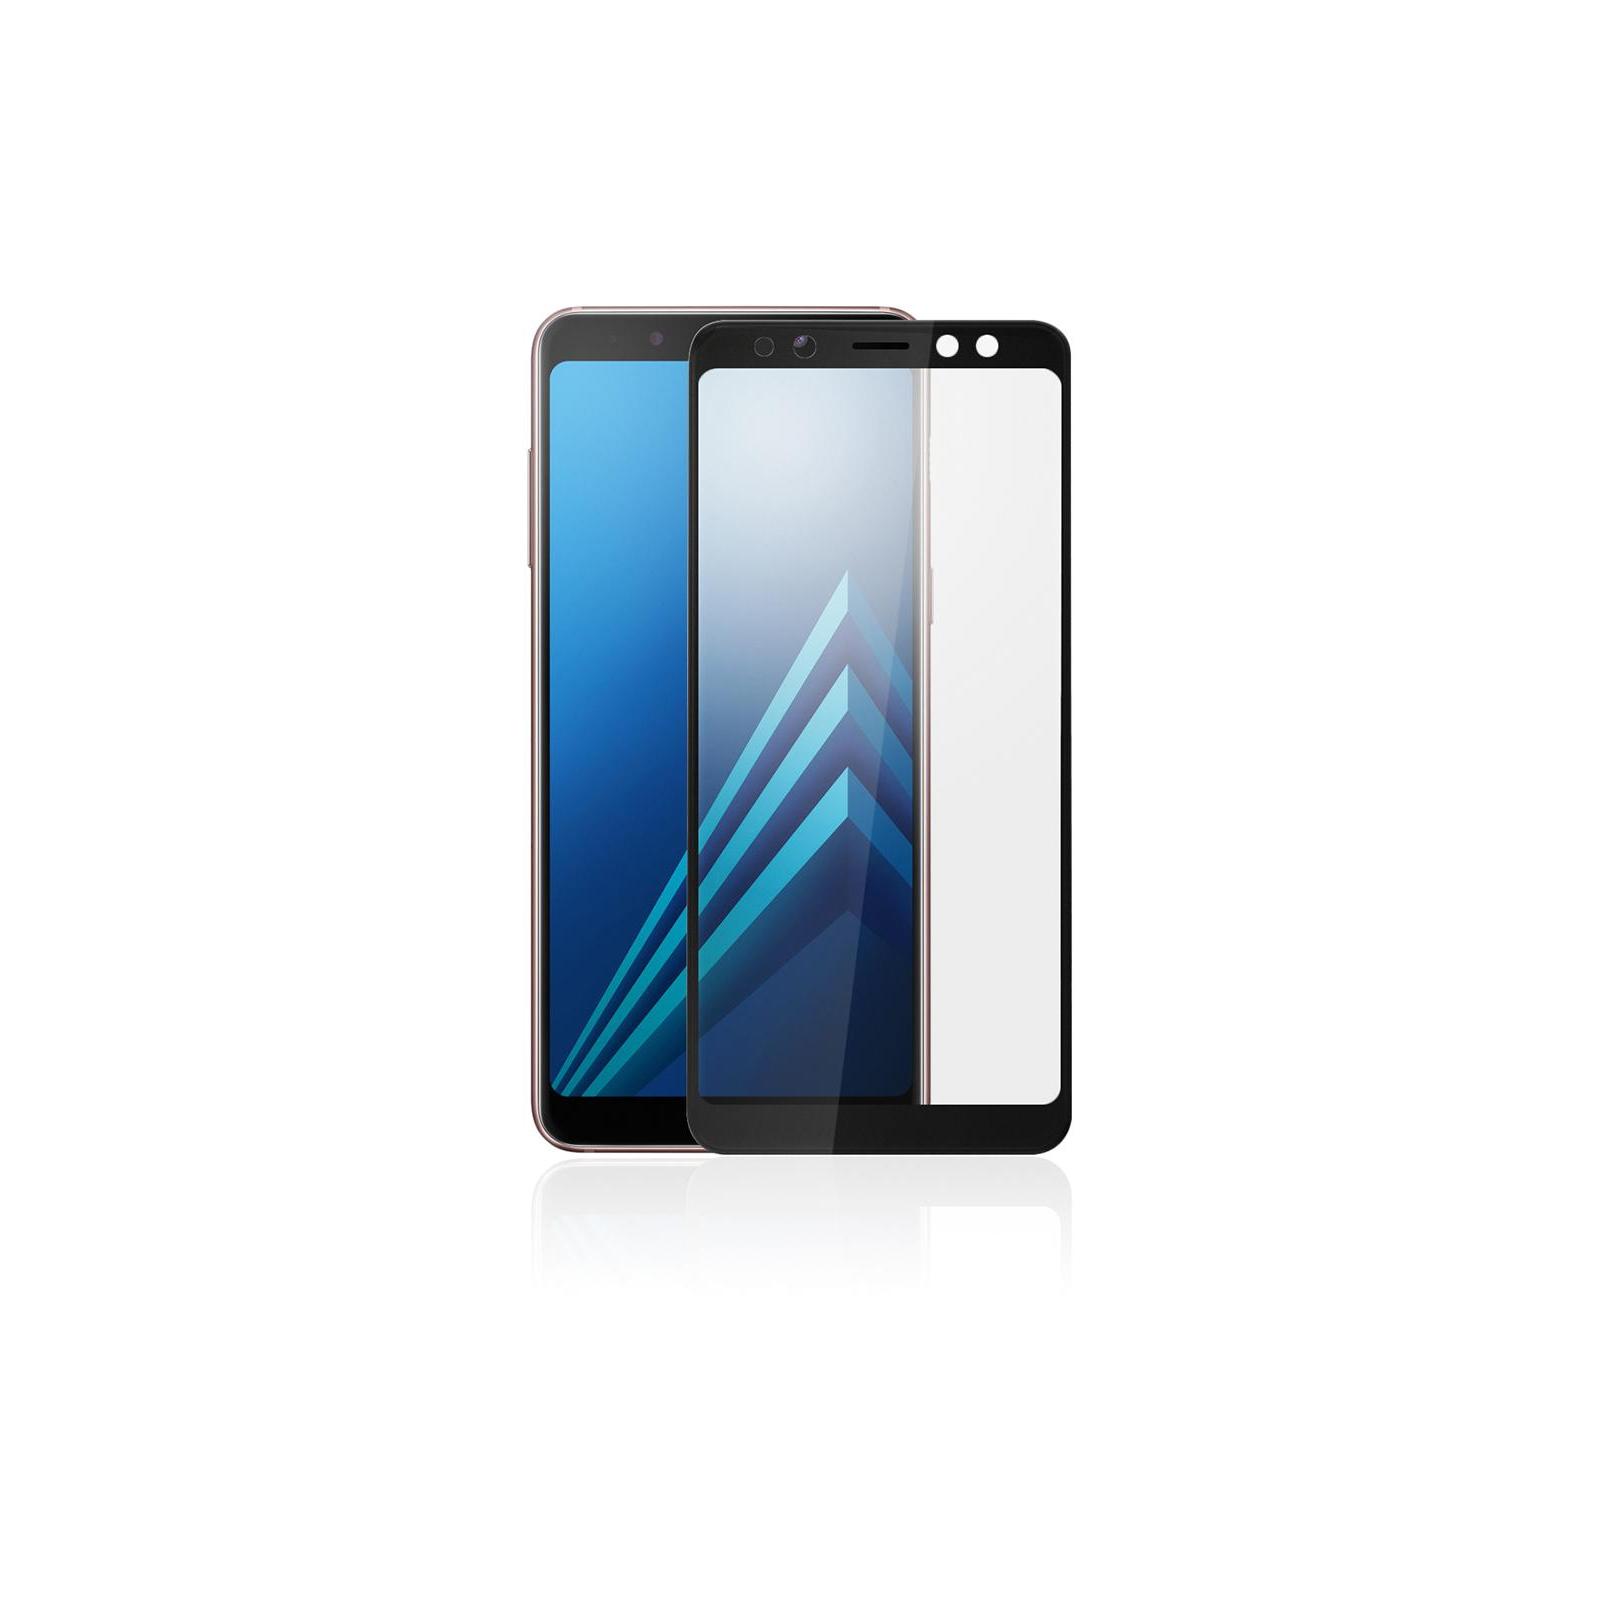 Стекло защитное Vinga для Samsung Galaxy A8 Plus (2018) A730 (VTPGS-A730) изображение 5